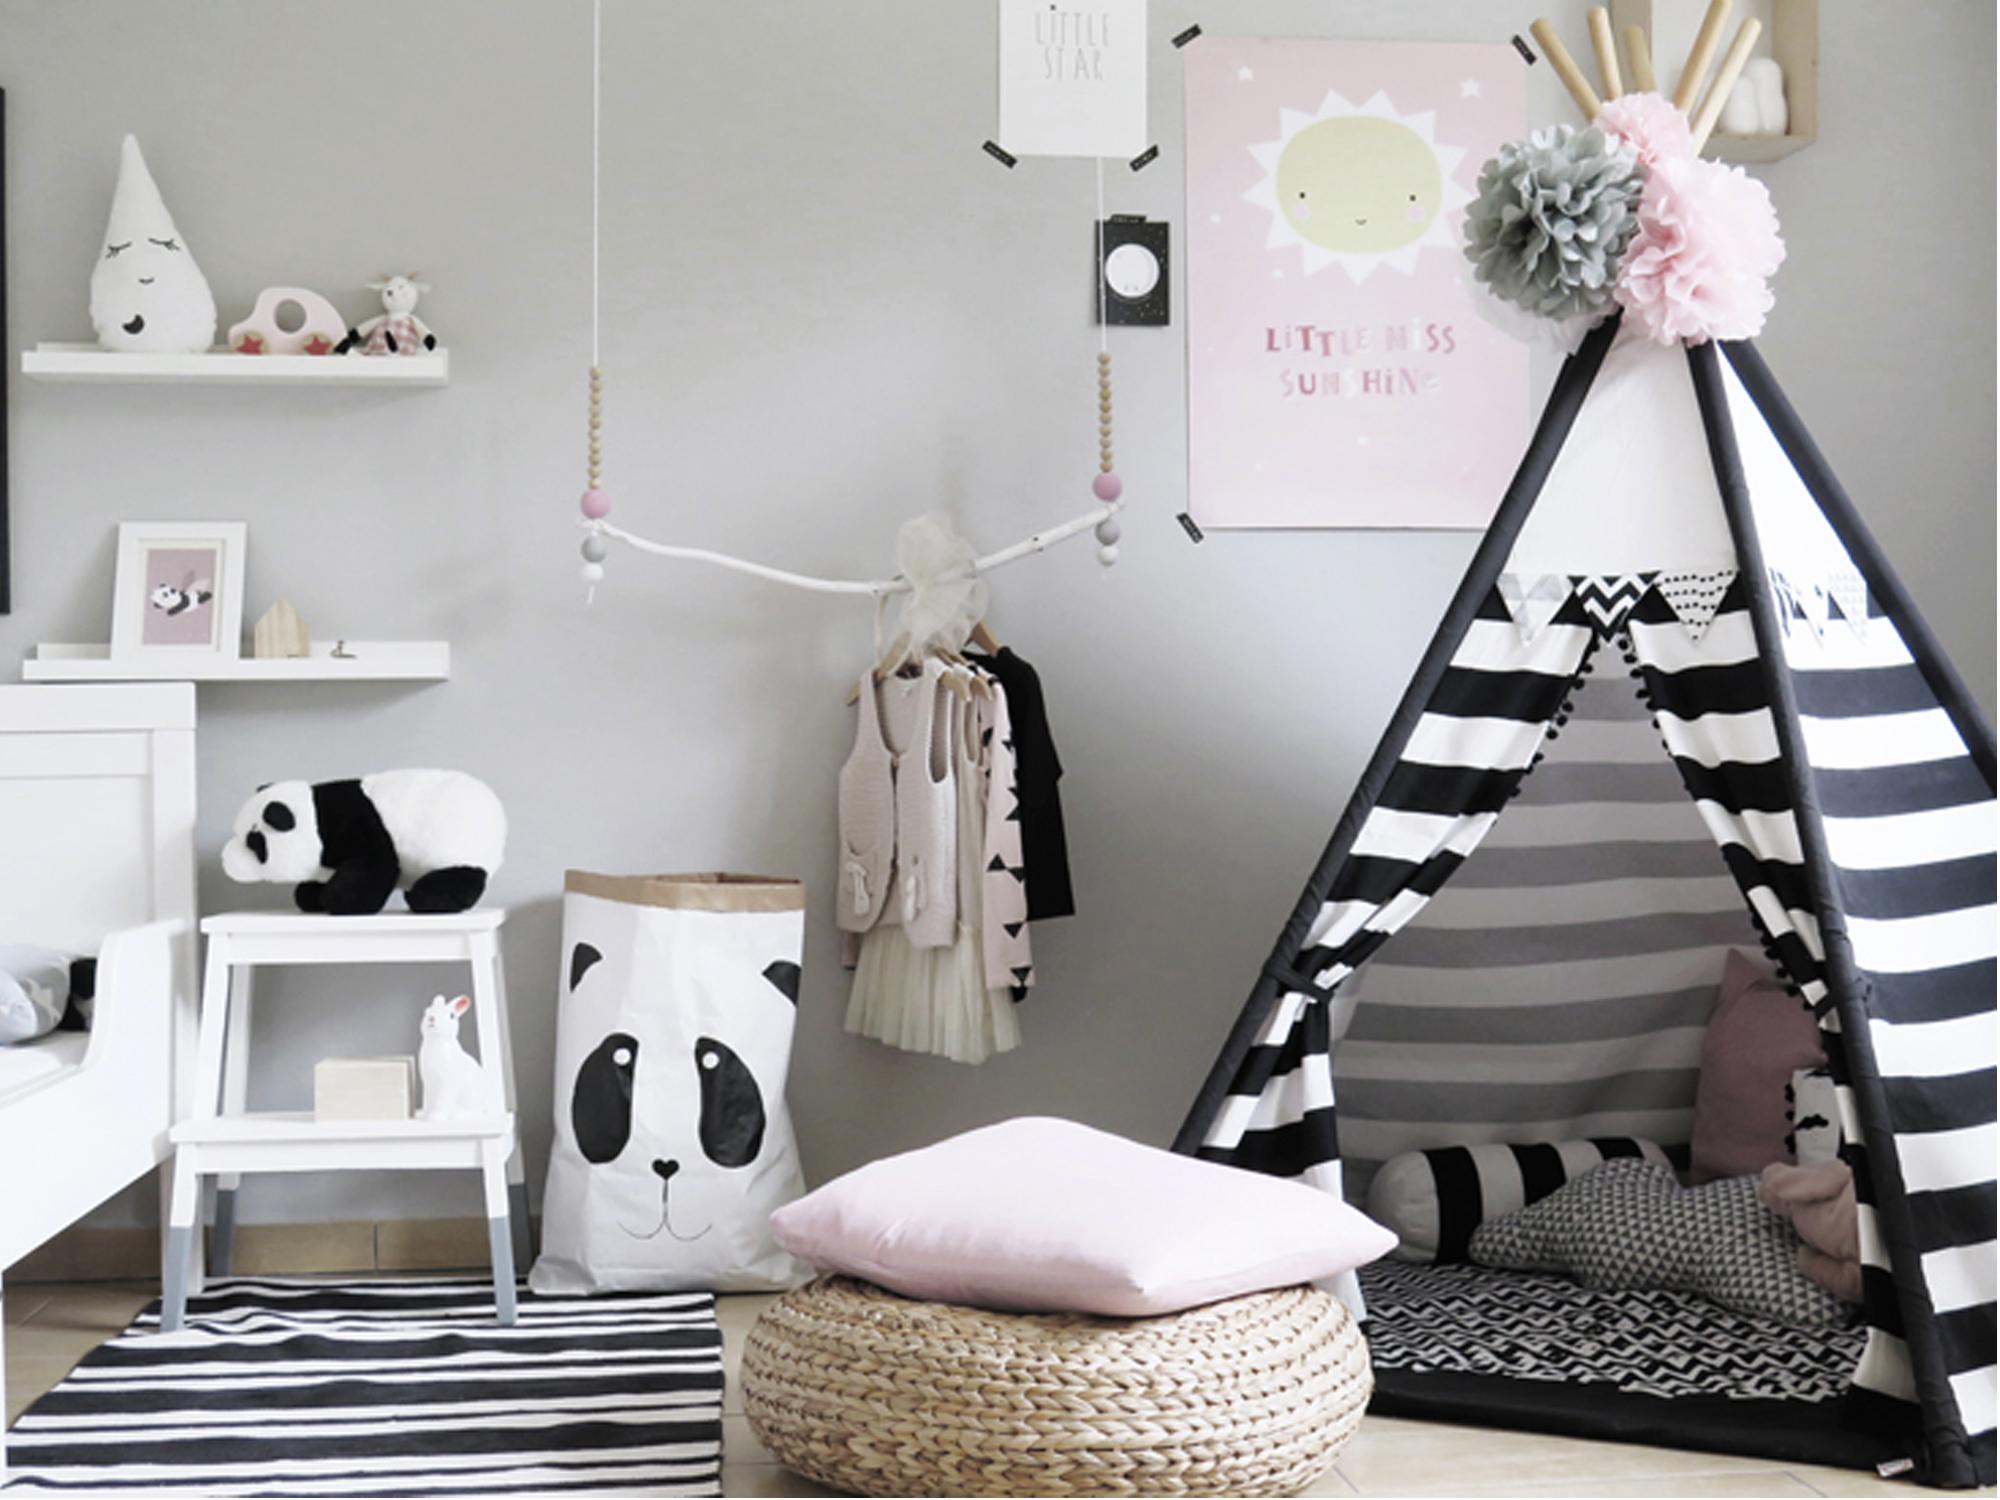 Pinterest 12 chambres d 39 enfants en noir et blanc d co id es - Chambre enfant noir et blanc ...